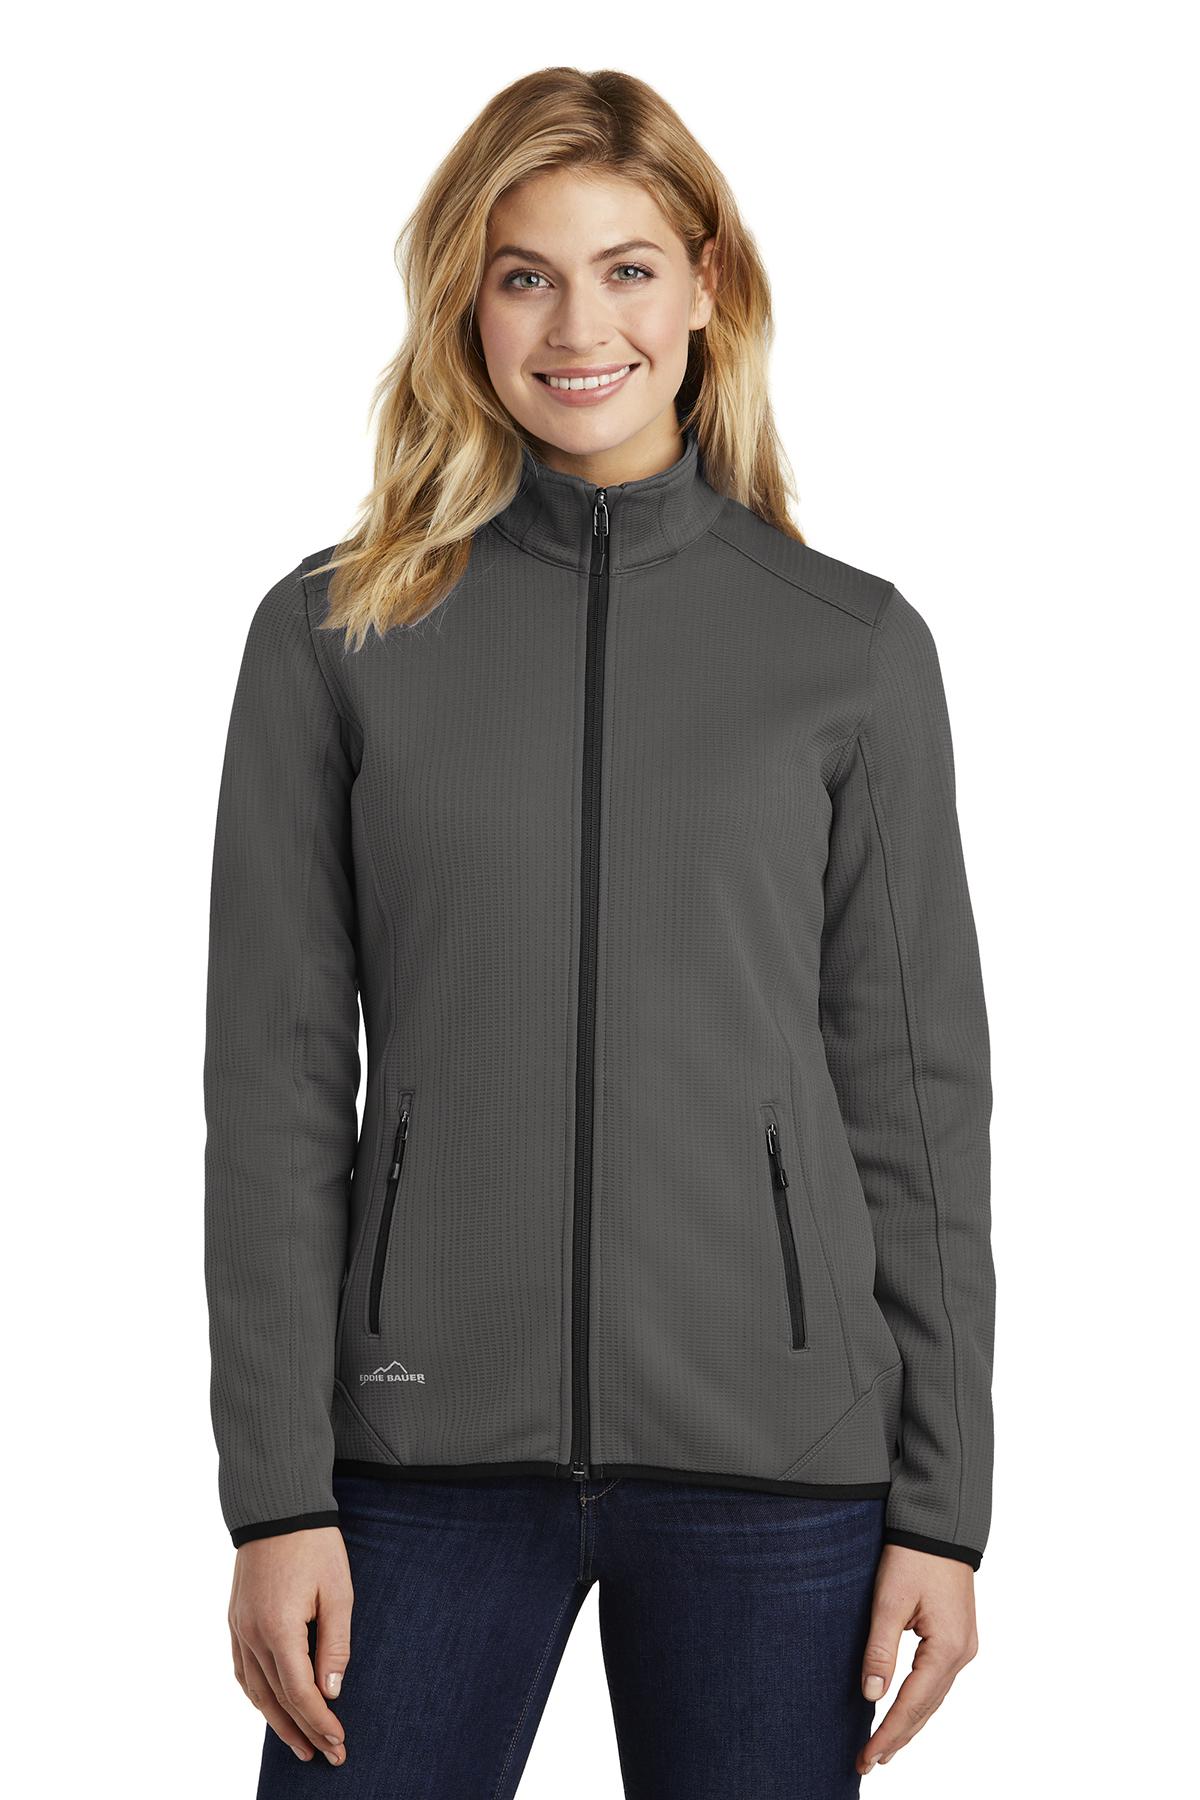 8757f0853e4 Eddie Bauer ® Ladies Dash Full-Zip Fleece Jacket